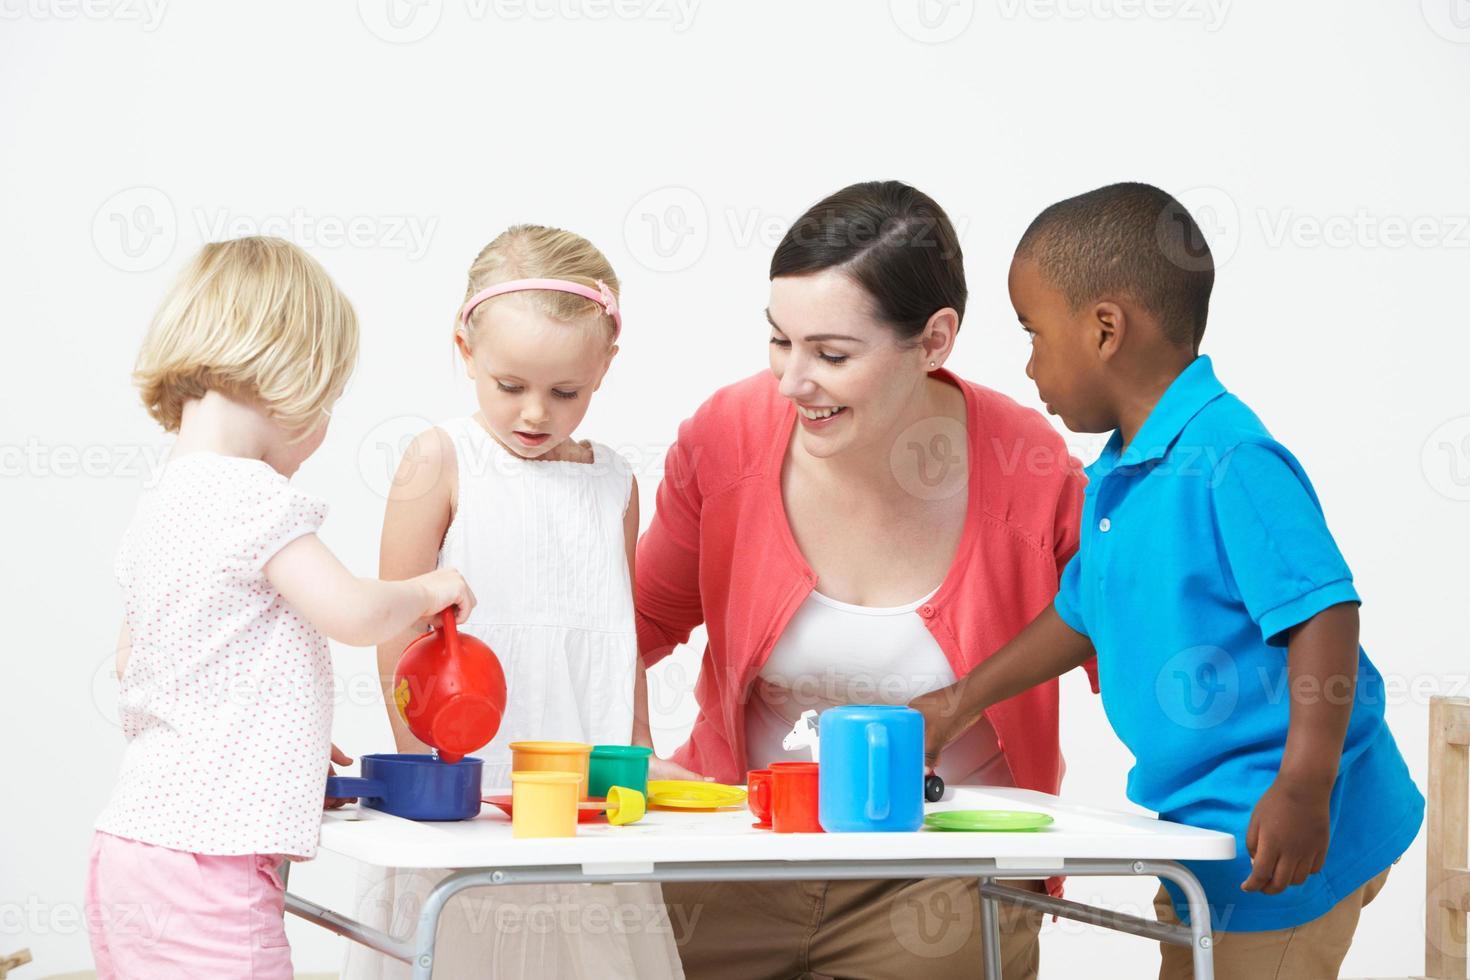 enfants d'âge préscolaire bénéficiant d'un goûter avec le professeur photo